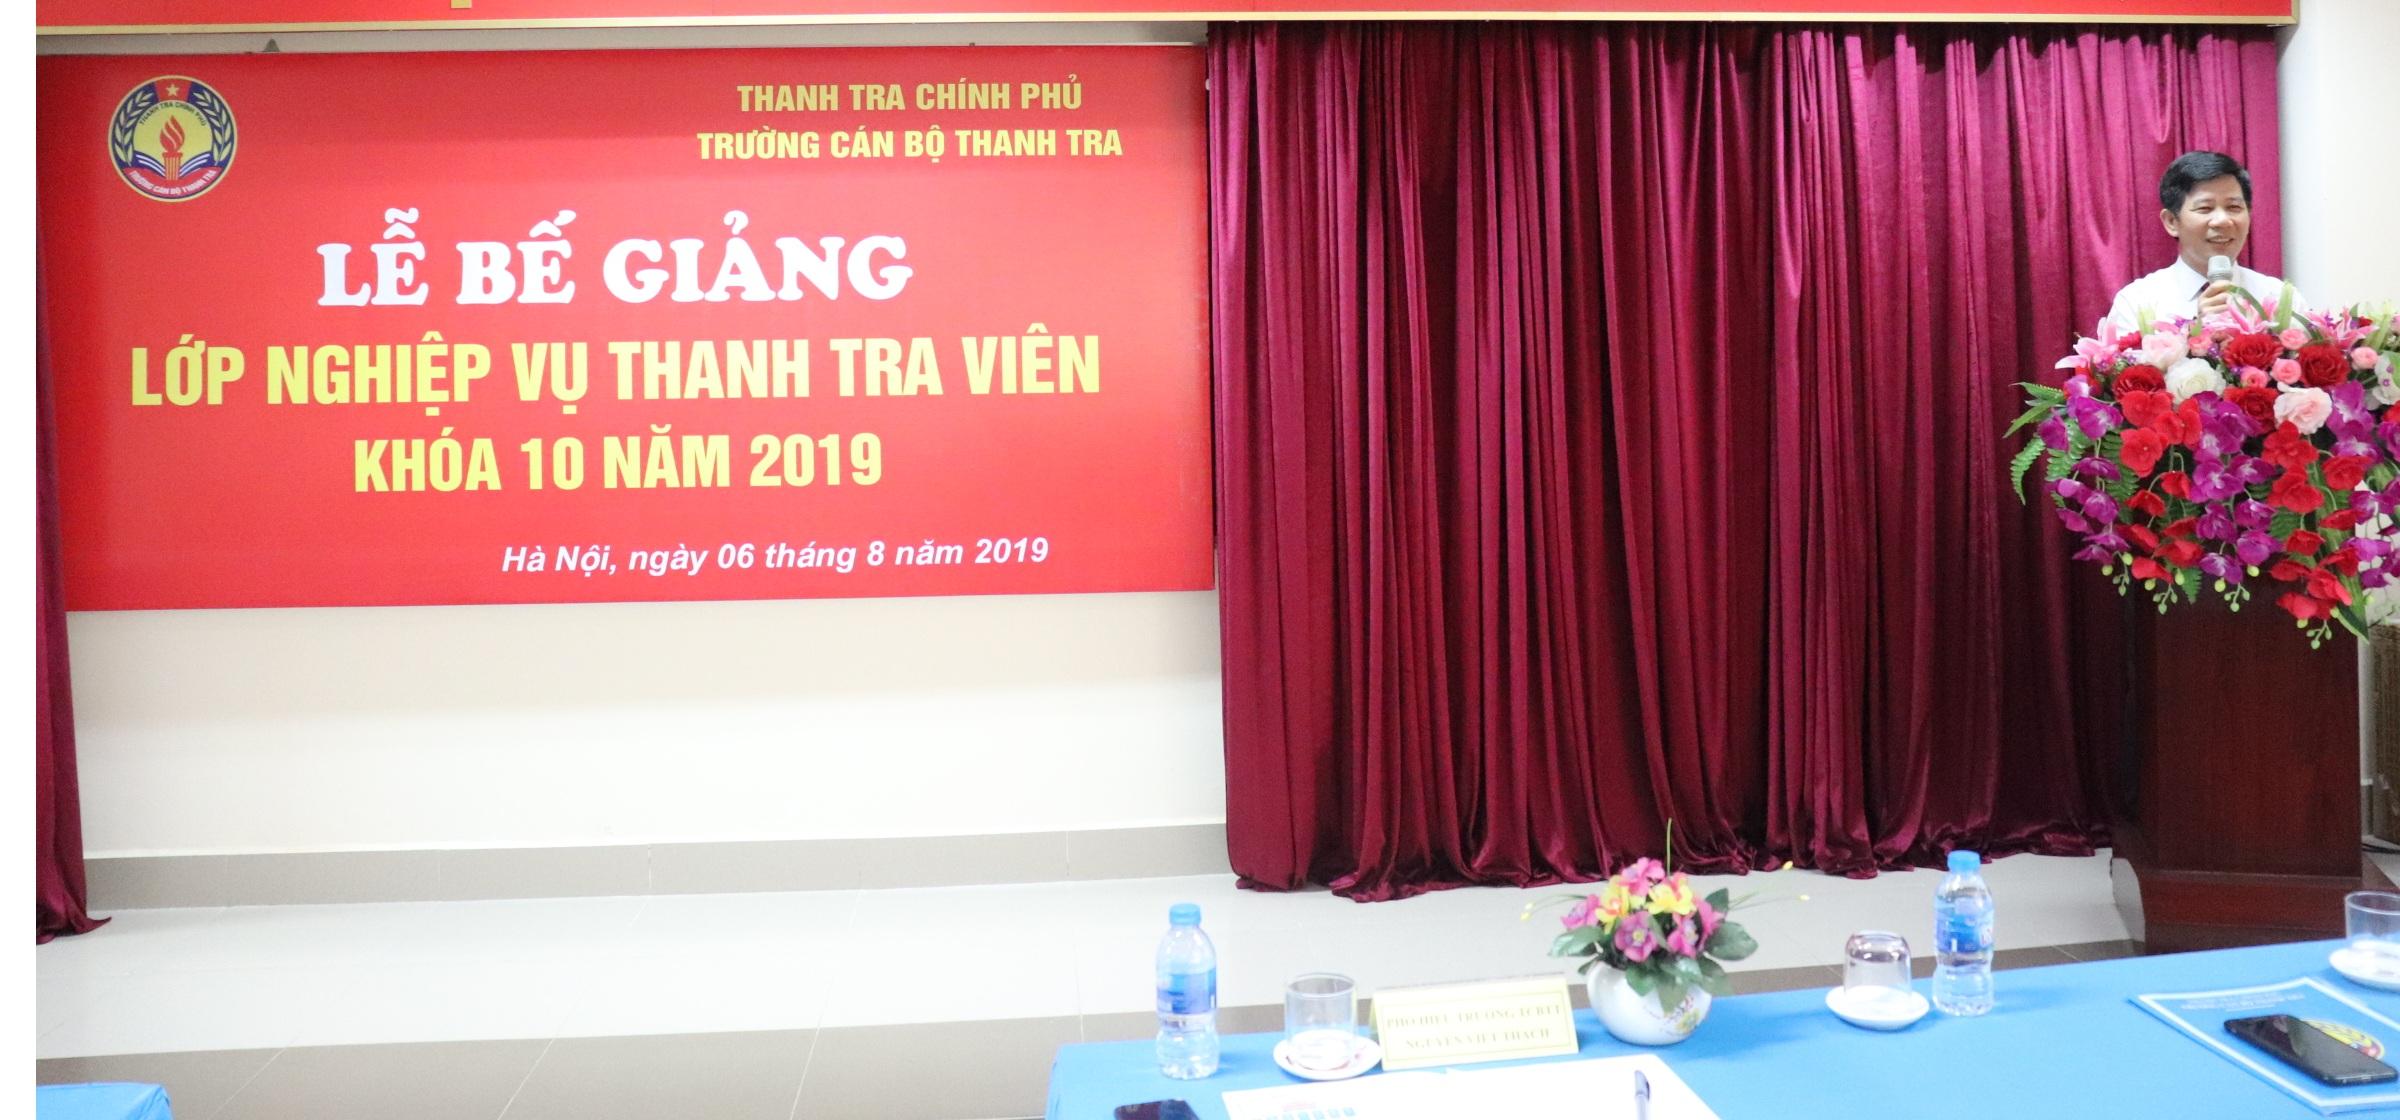 Ông Nguyễn Viết Thạch Phó Hiệu trưởng Nhà trường phát biểu Bế giảng khóa học